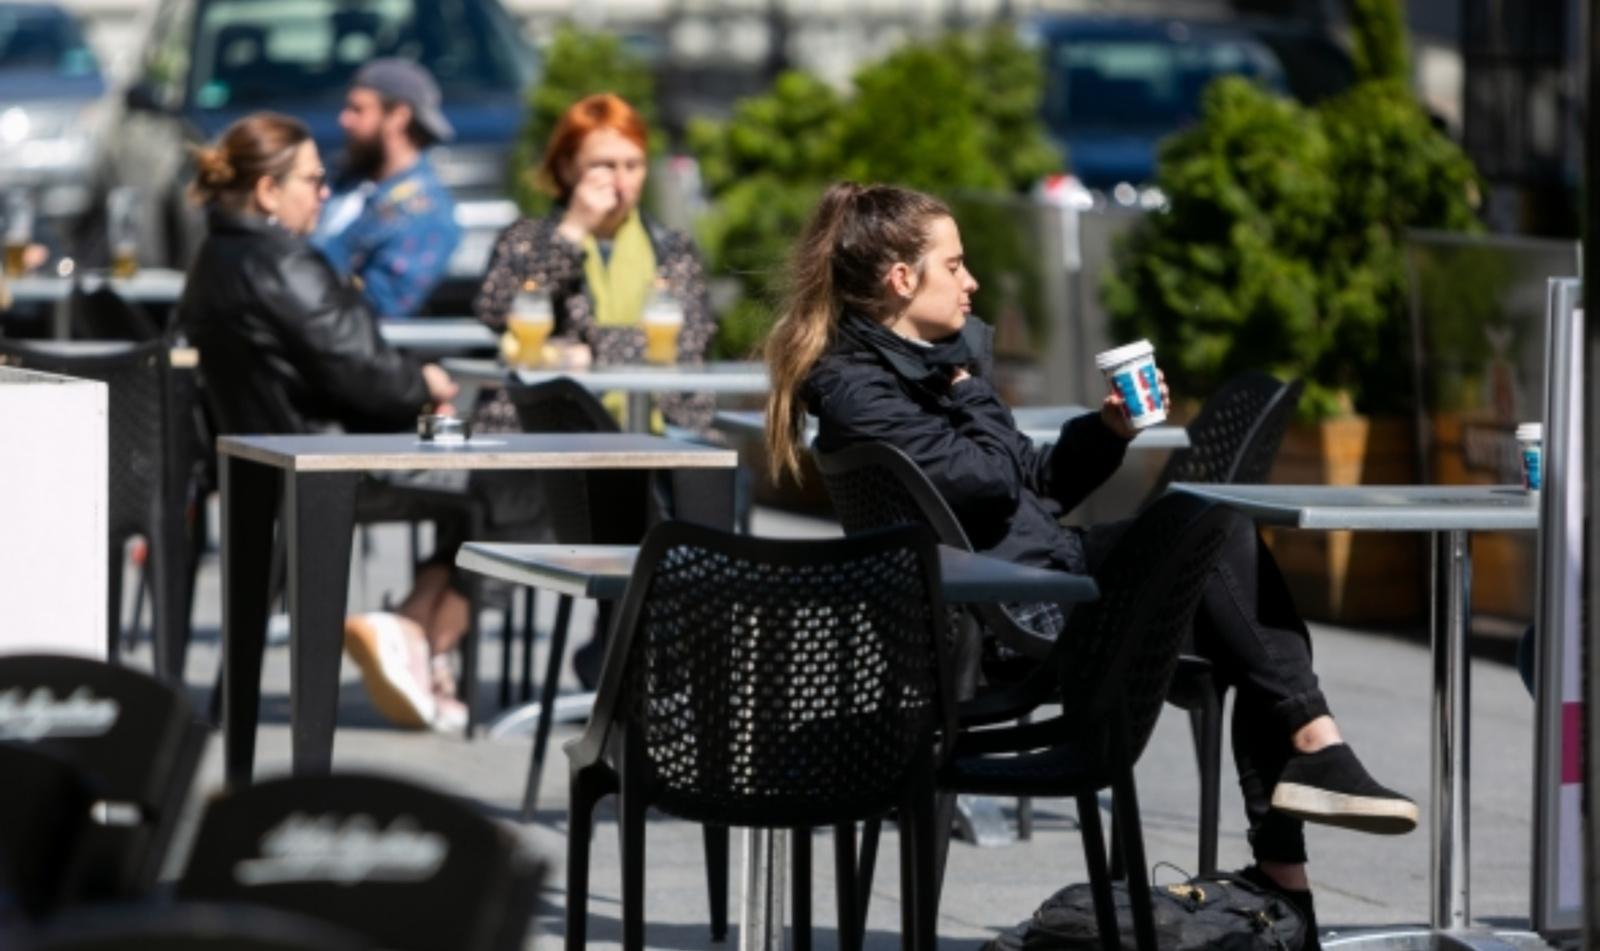 Vyriausybė ketina trumpinti kavinių, naktinių klubų, kazino darbo laiką iki vidurnakčio